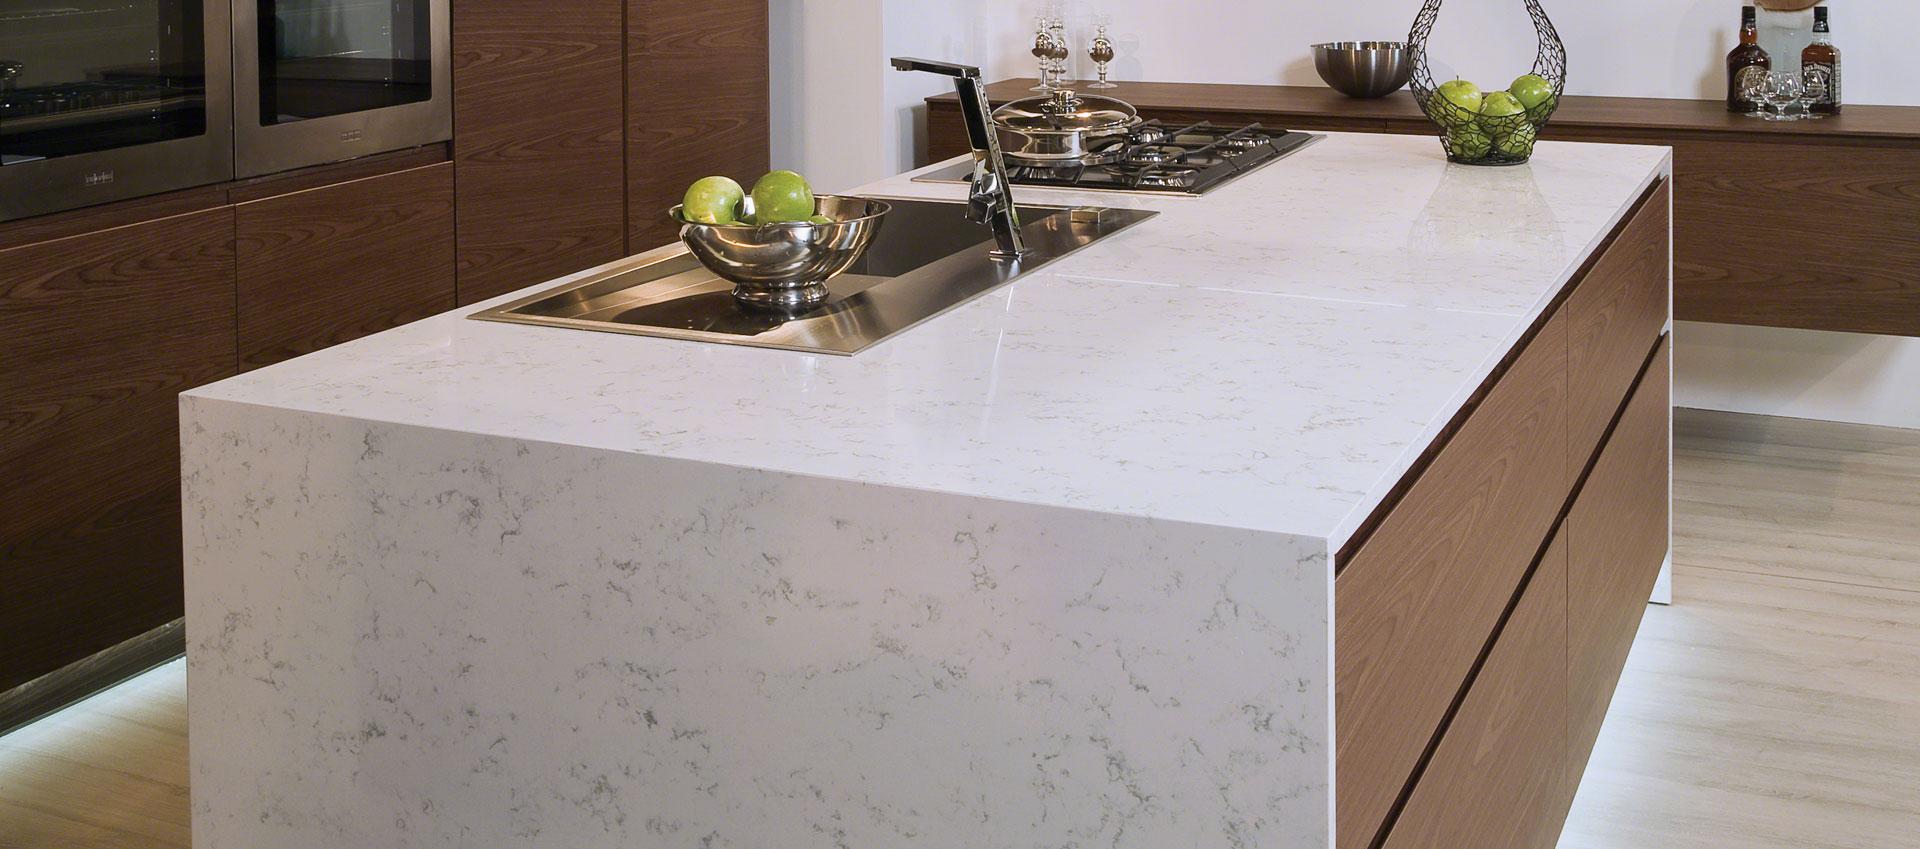 Carrara White Quartz Countertops Kitchen Countertops